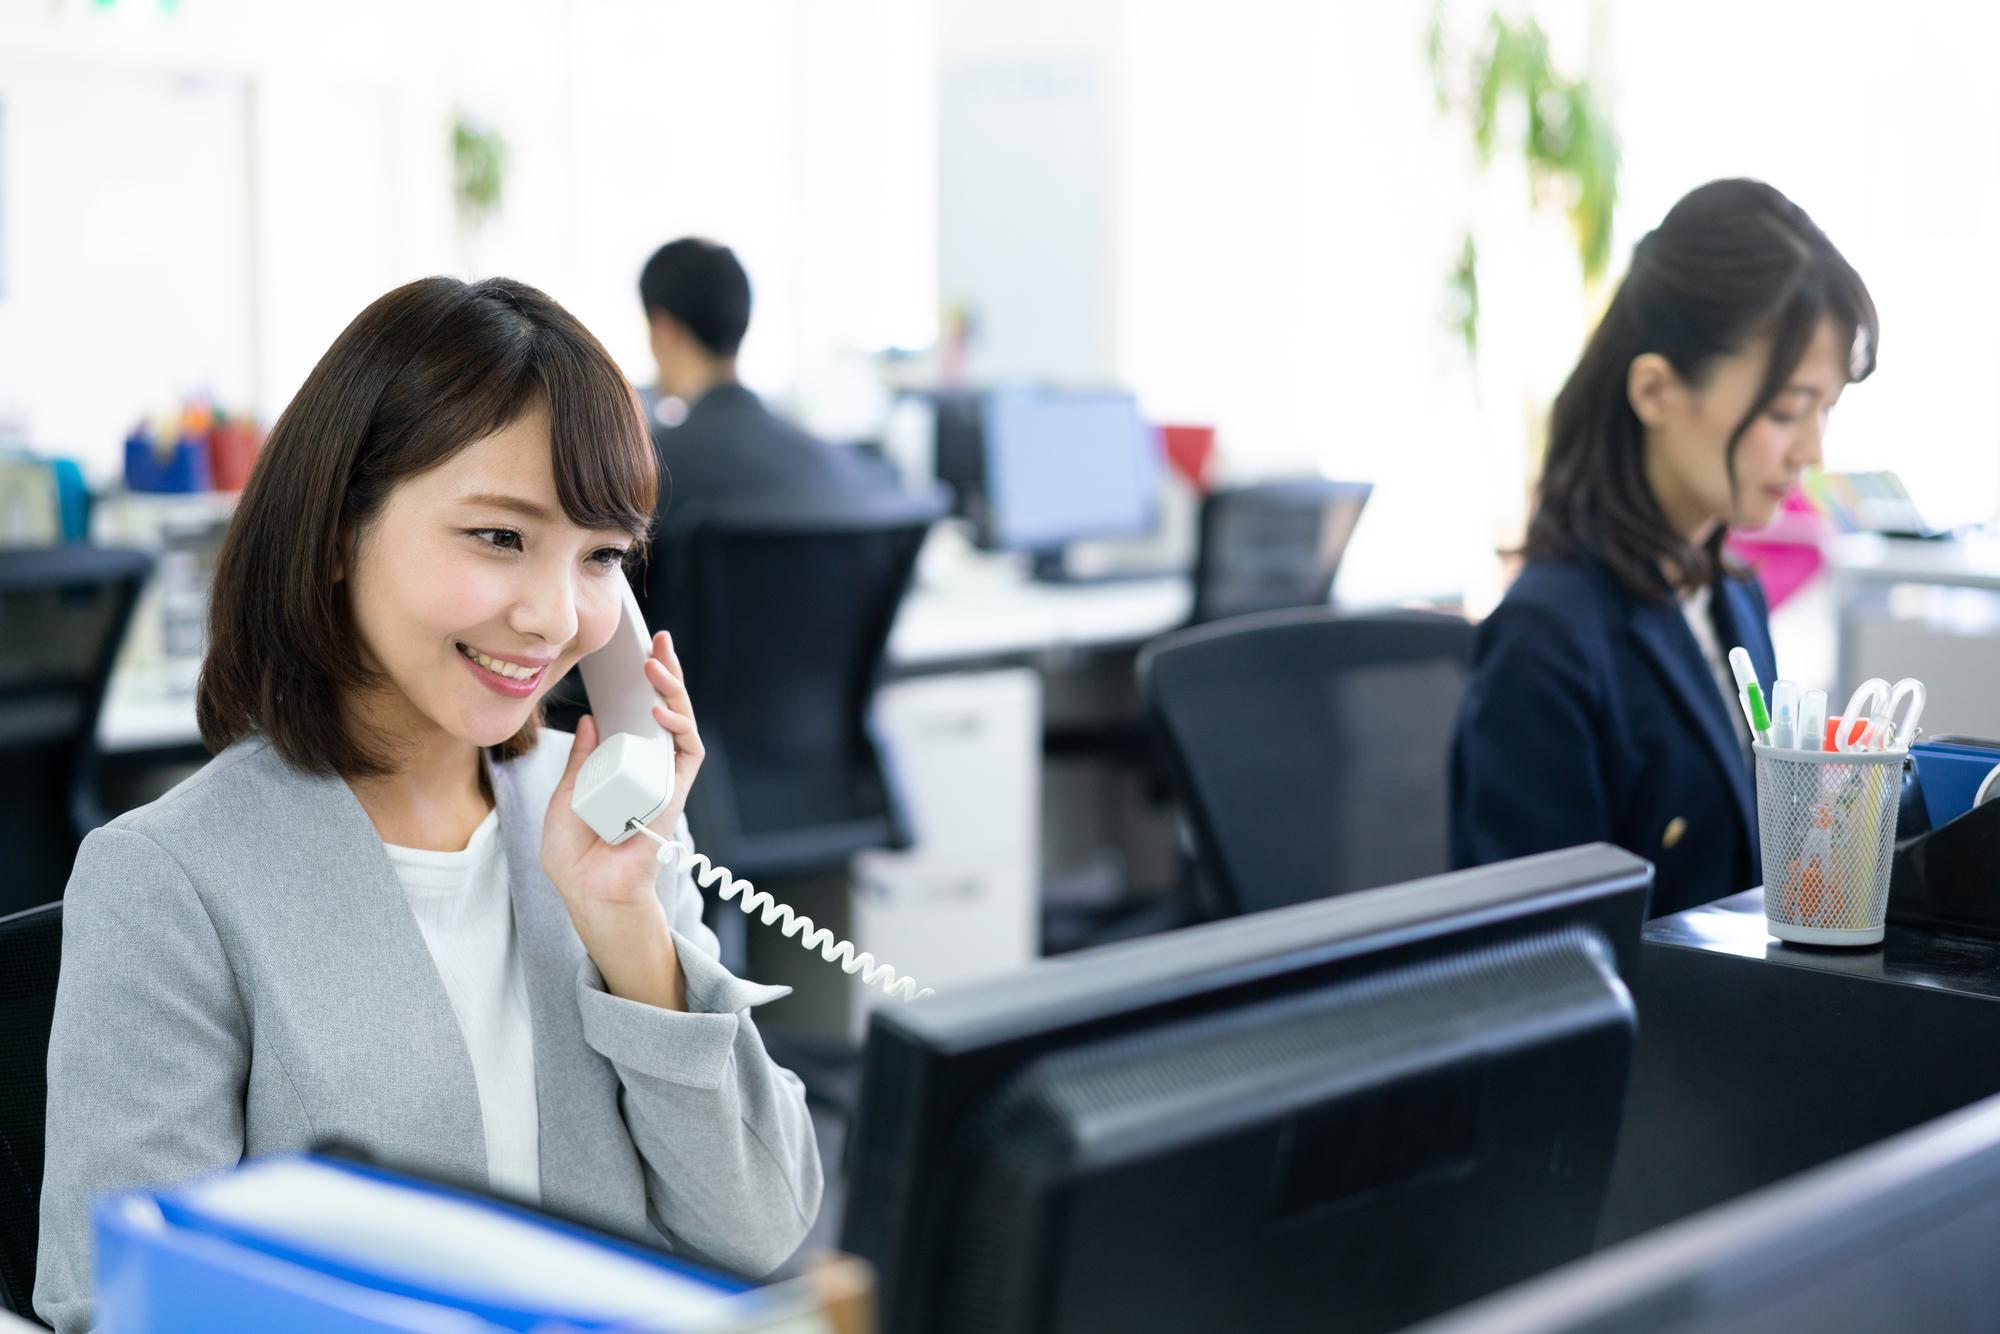 電話対応、いい印象を与えるコツは? 「ソの音階」で話してみよう